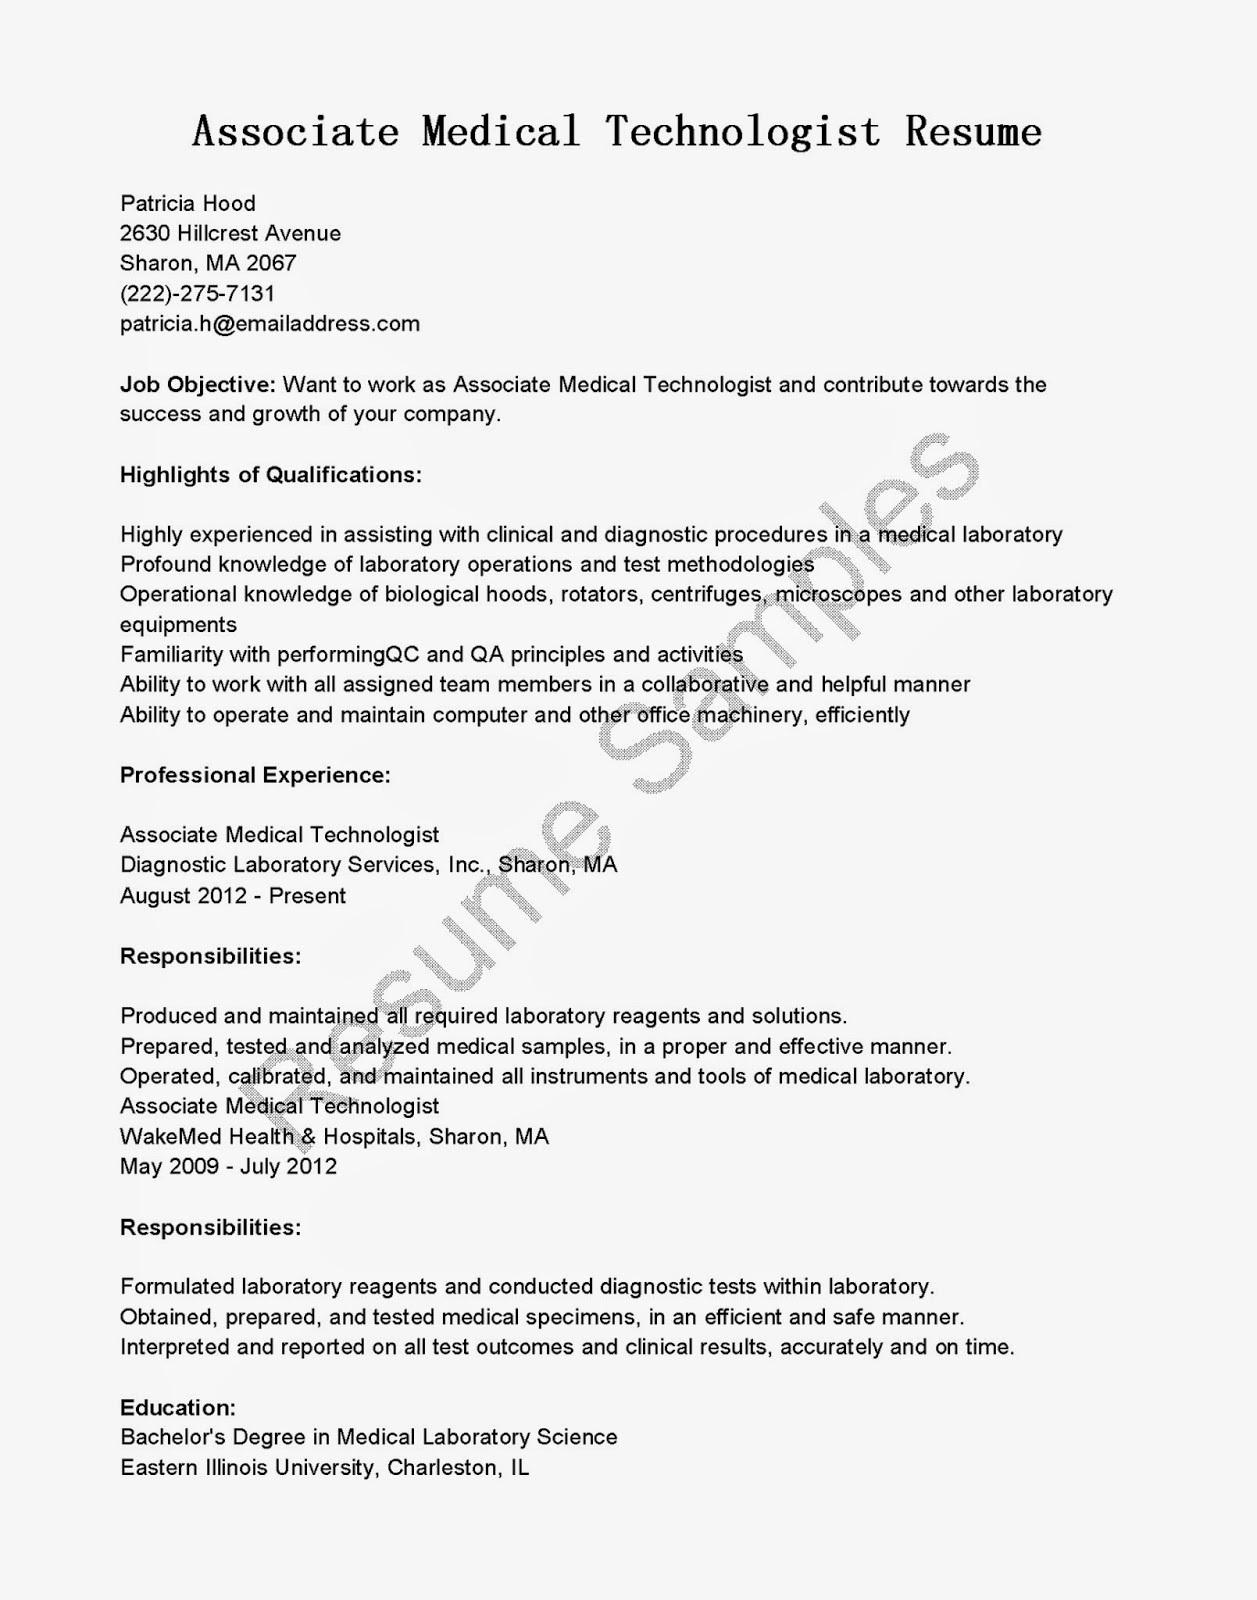 Medical Technologist Resume Sample – Medical Technologist Job Description